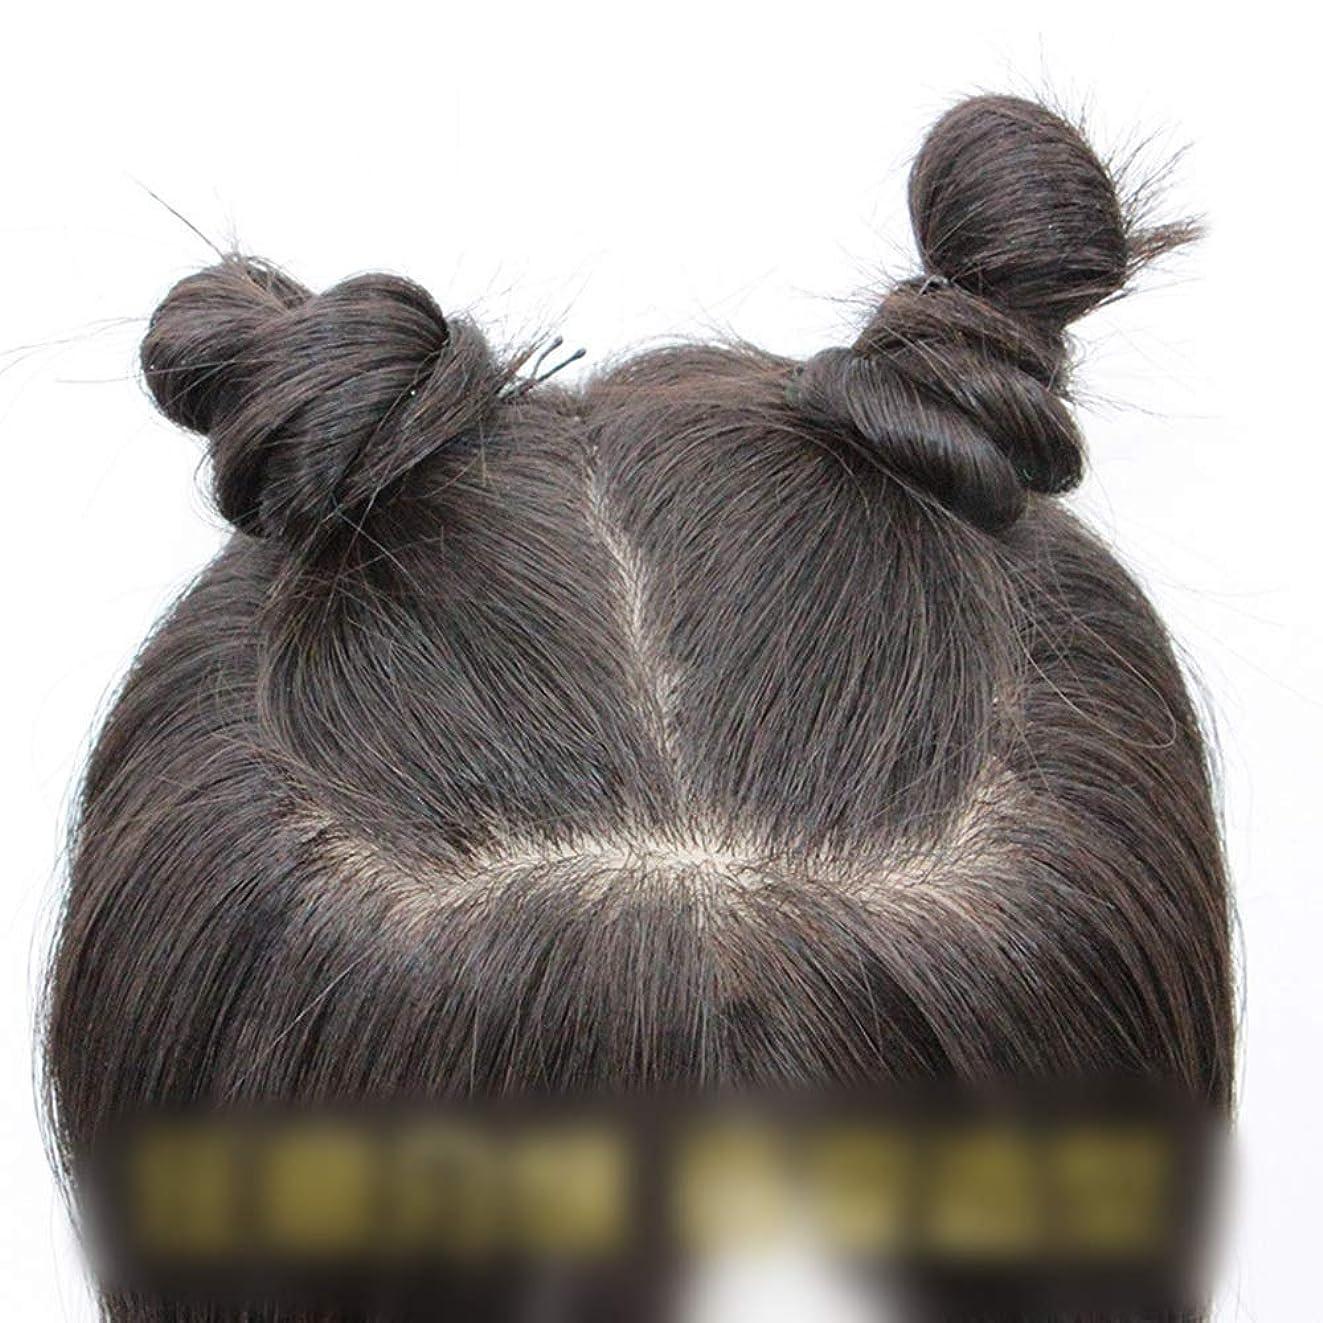 グッゲンハイム美術館あいまいな堀YESONEEP リアルヘアエクステンション3Dハンドニードルカバーホワイトヘアウィッグパーティーウィッグで女性のロングストレートヘアクリップ (Color : Natural black, サイズ : 25cm)